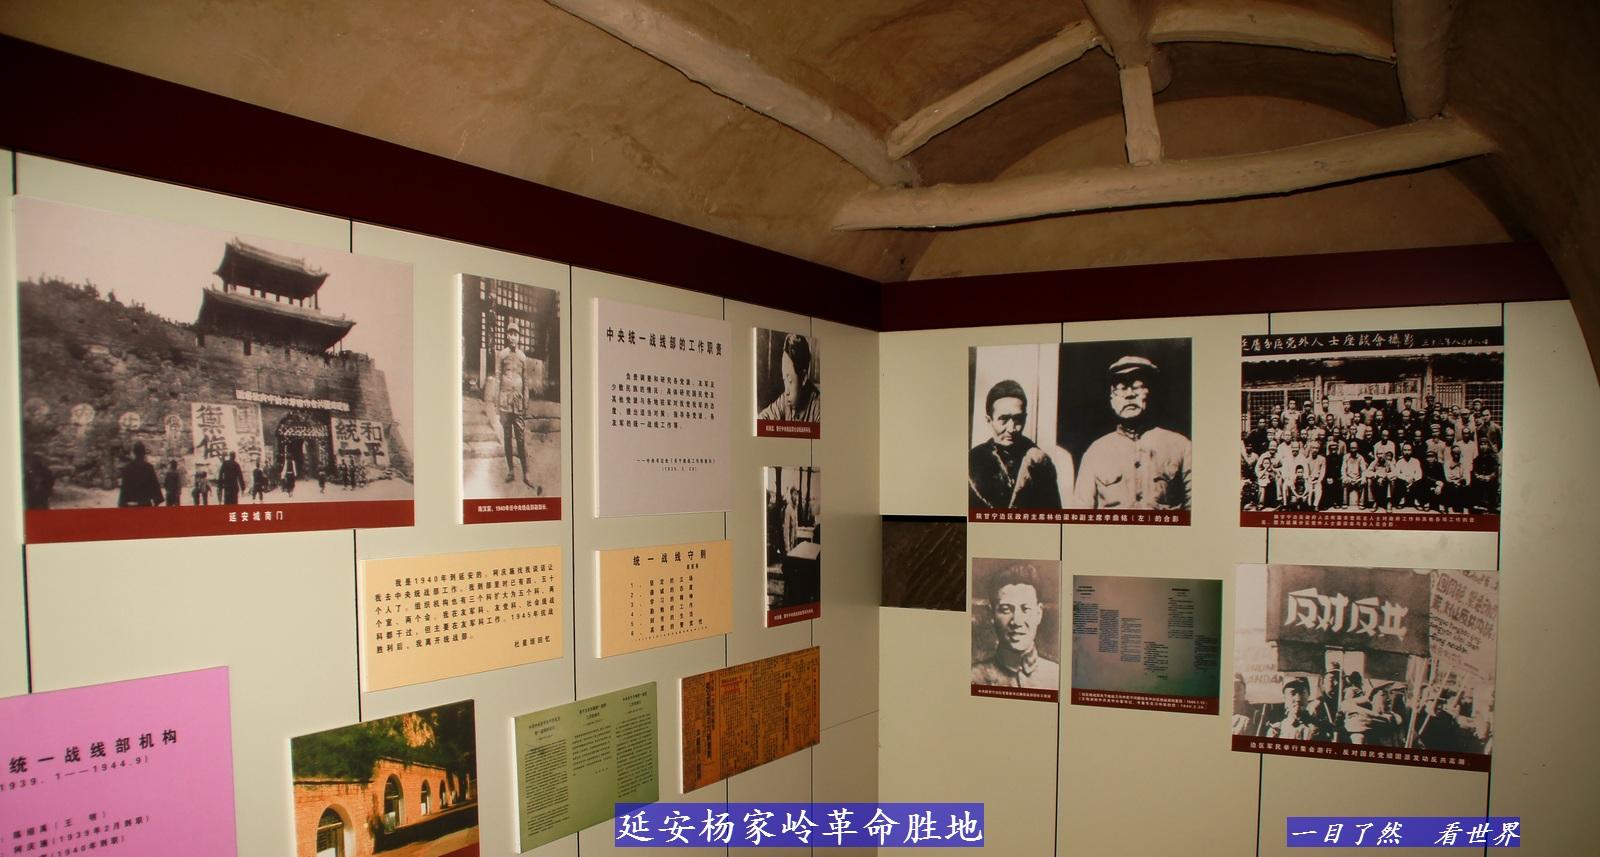 延安杨家岭革命胜地---72-1600.jpg